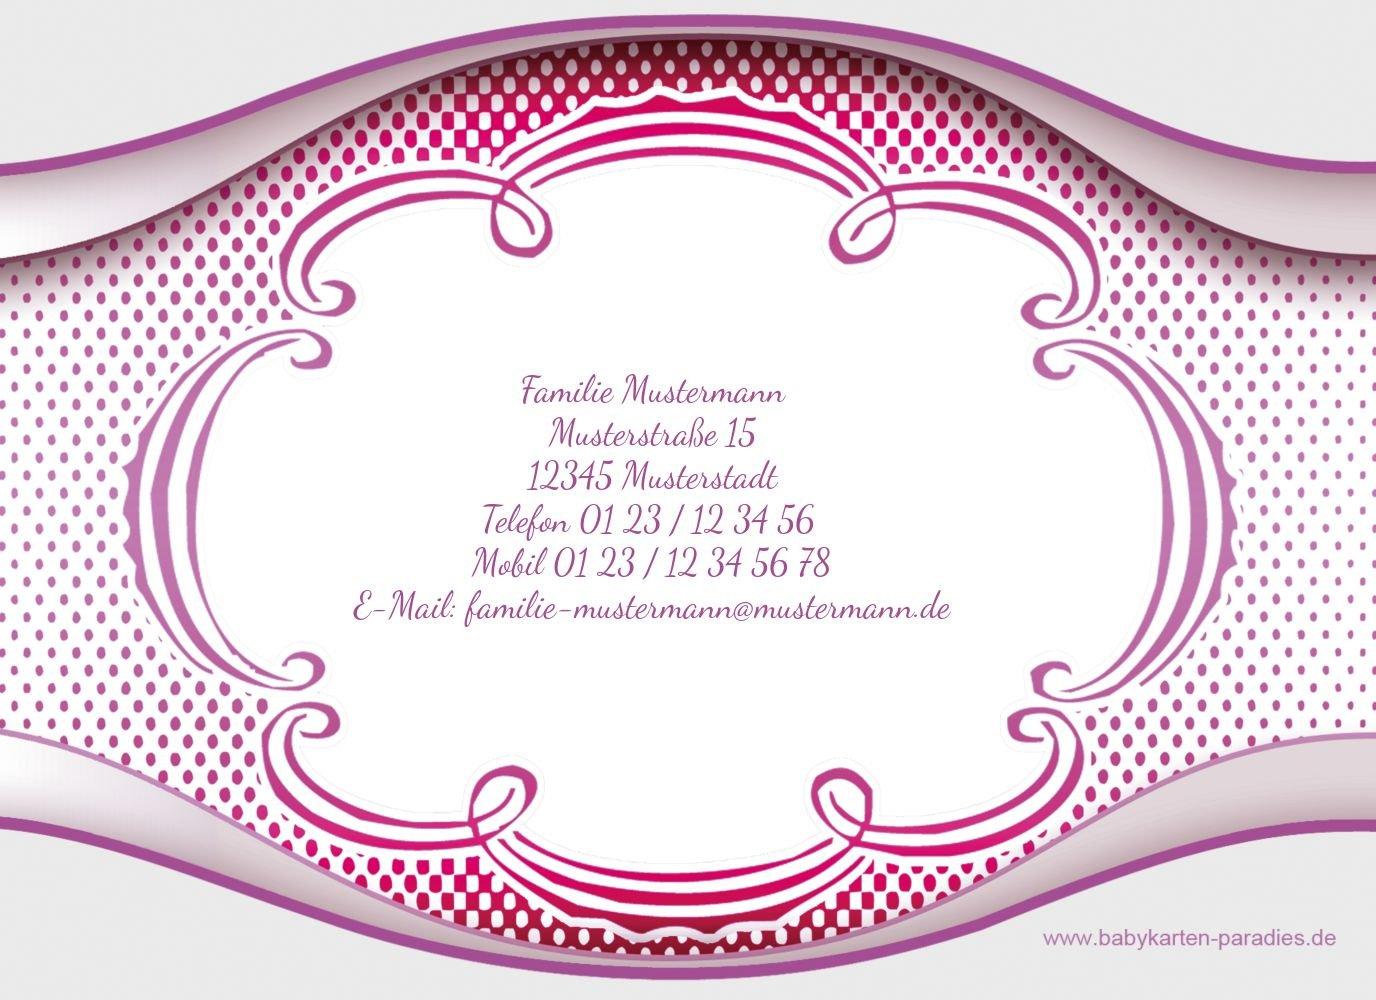 Kartenparadies Dankeskarte Taufe Taufe Taufe Taufe Dankes Schale & Rahmen, hochwertige Danksagung für Taufgeschenke inklusive Umschläge   10 Karten - (Format  148x105 mm) Farbe  Matschgrün B01N5V8YIP | Neuheit  | Sonderangebot  | Mangelware  037e3c